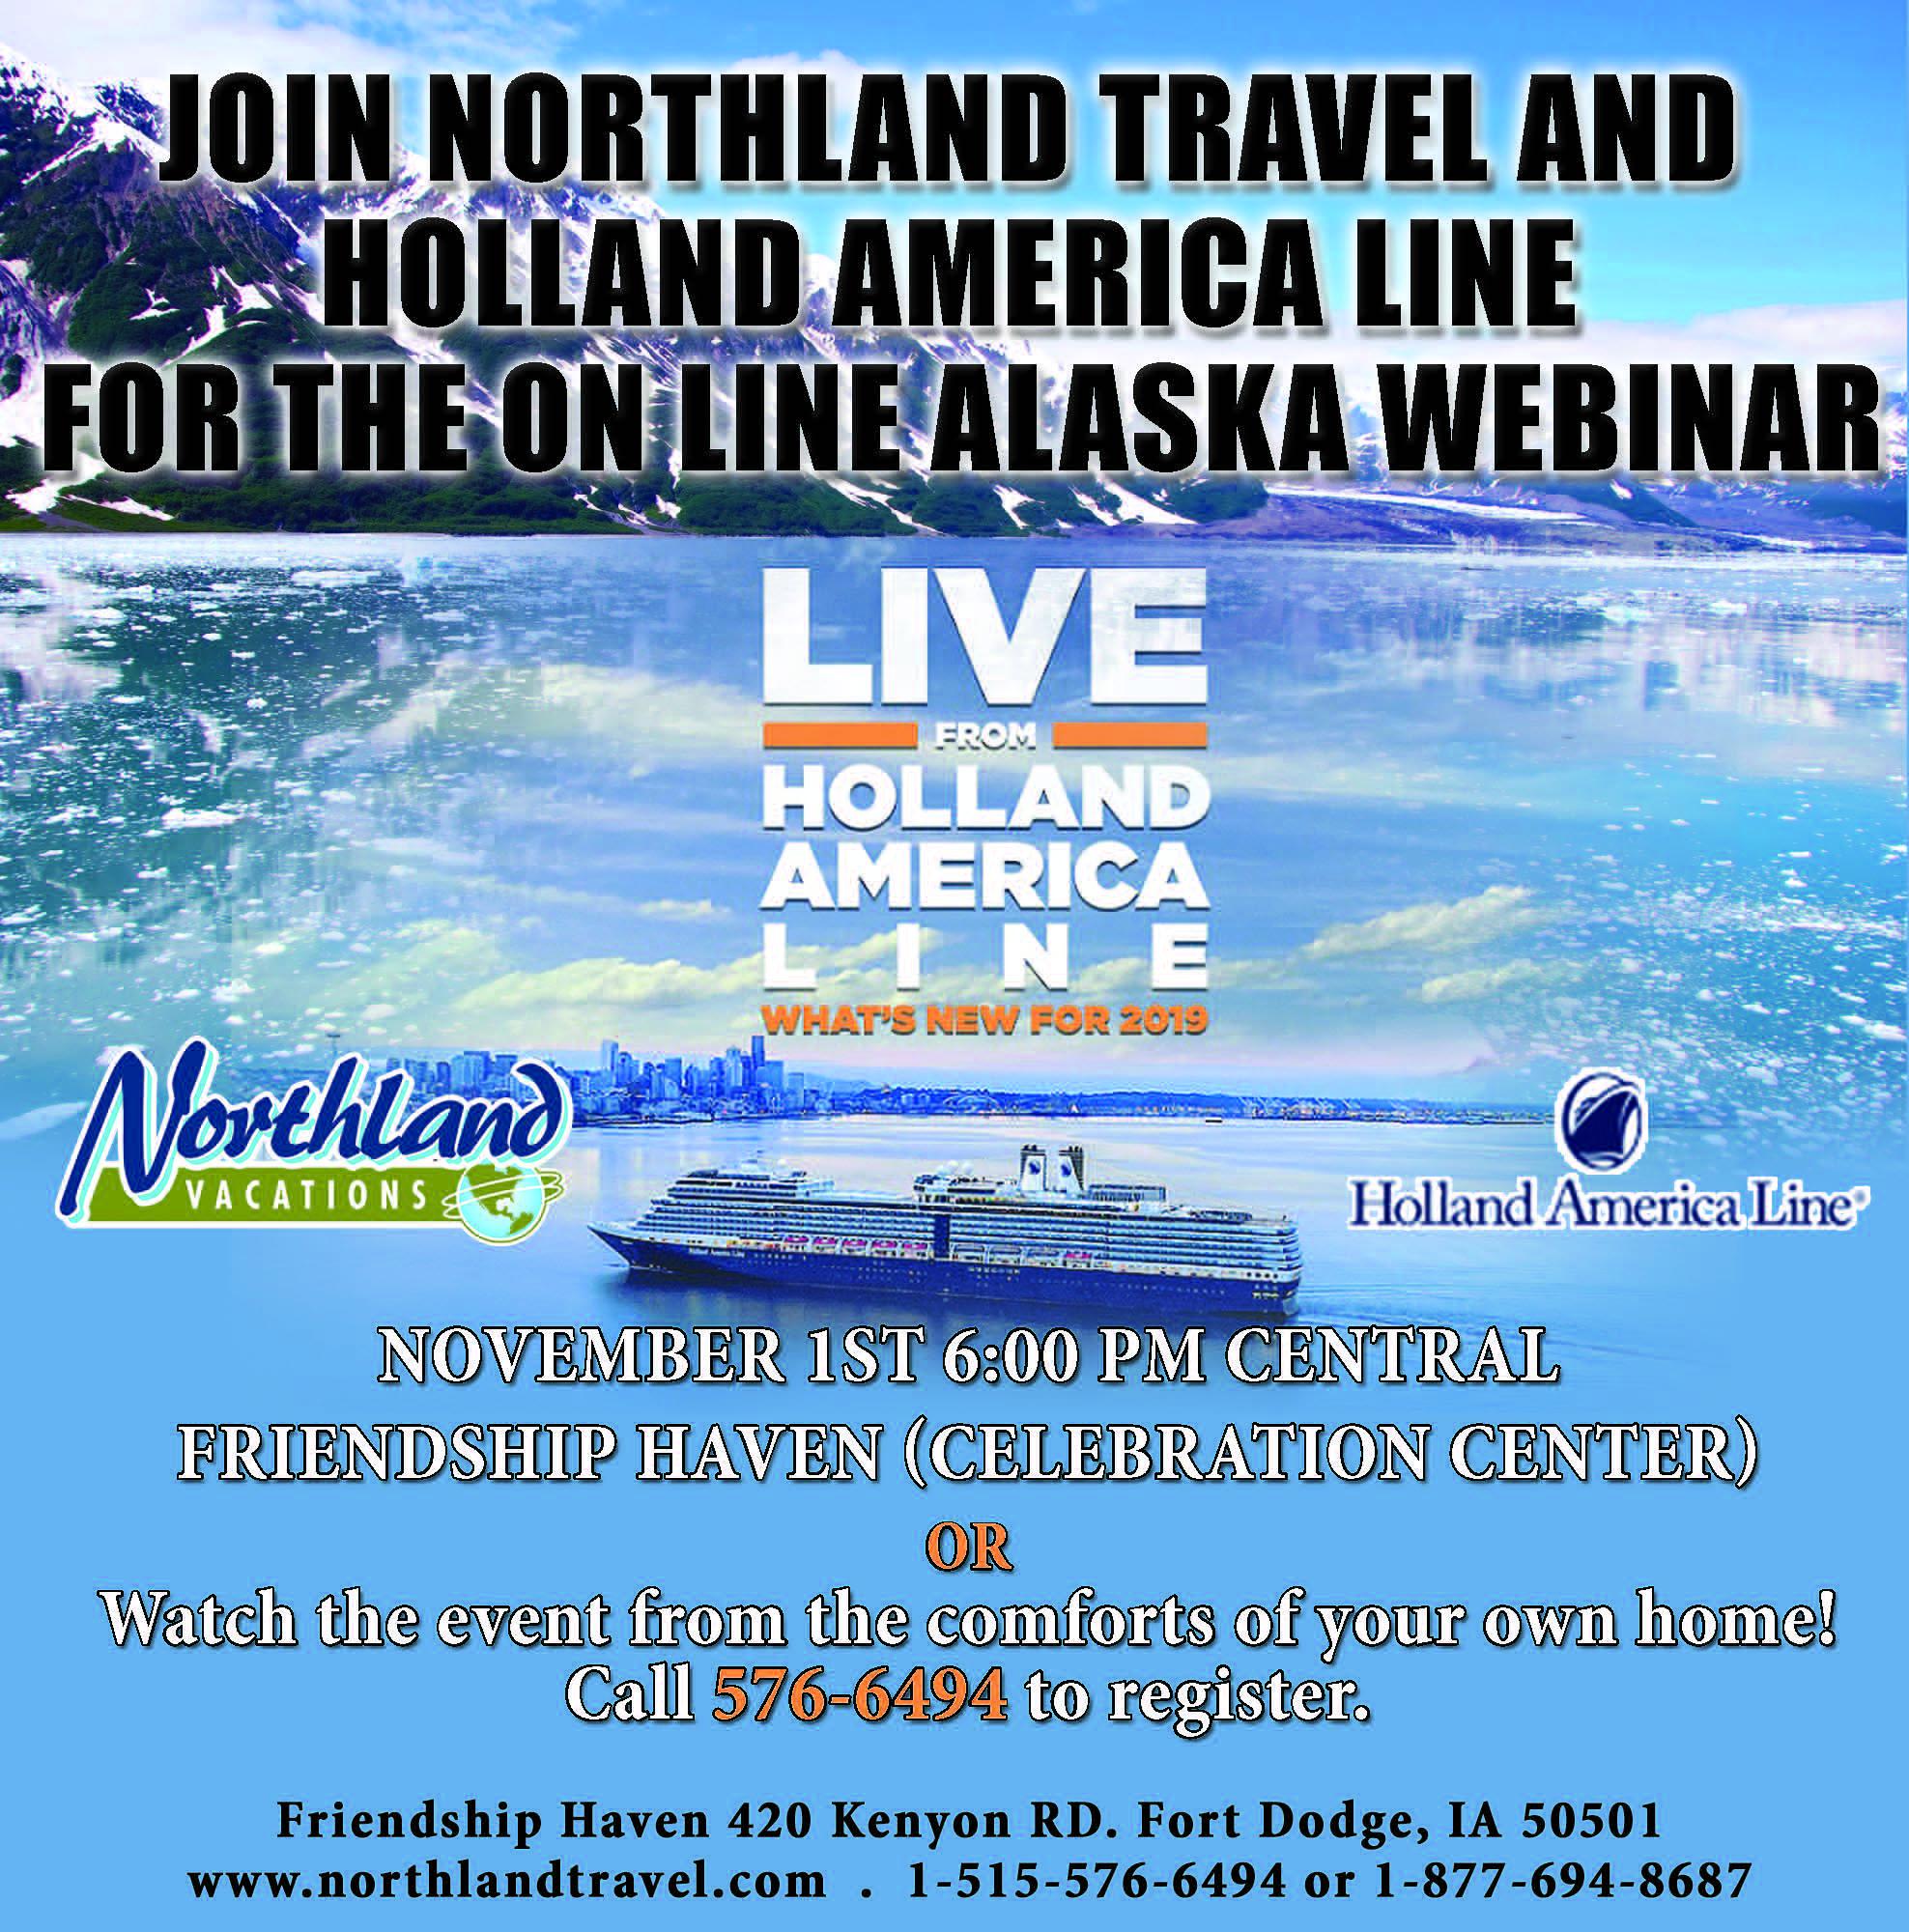 Online Alaska Ad.jpg